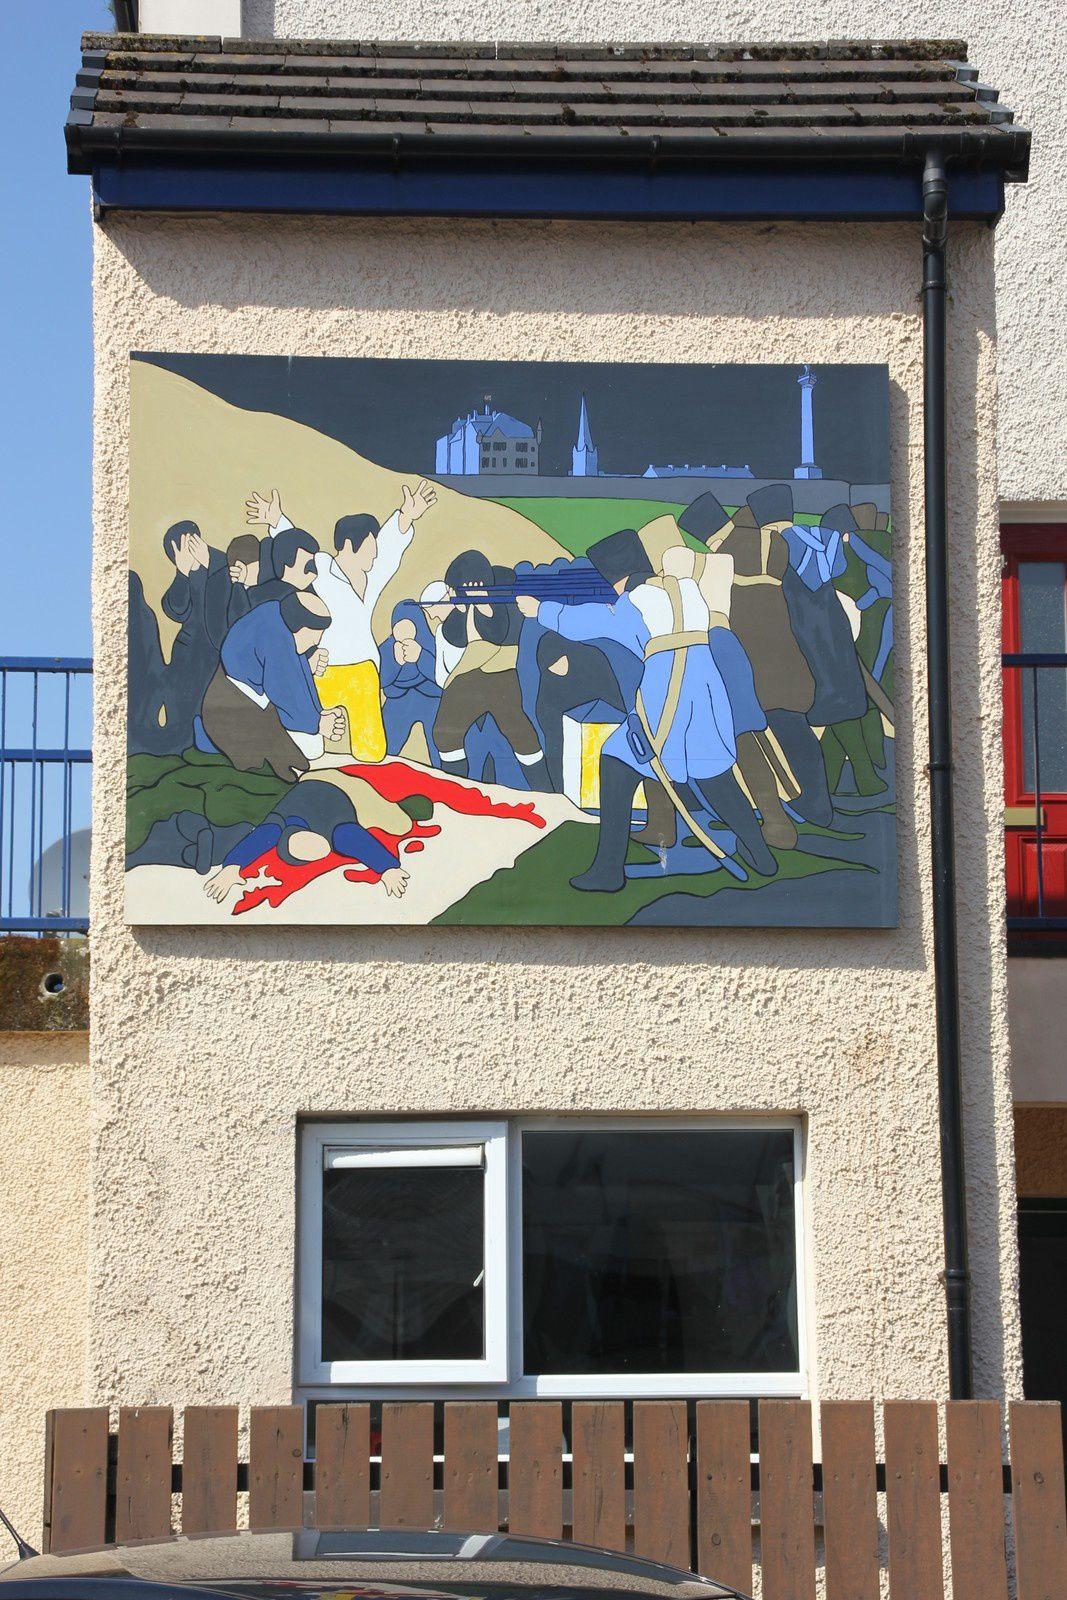 555) Glenfada Park, Derry